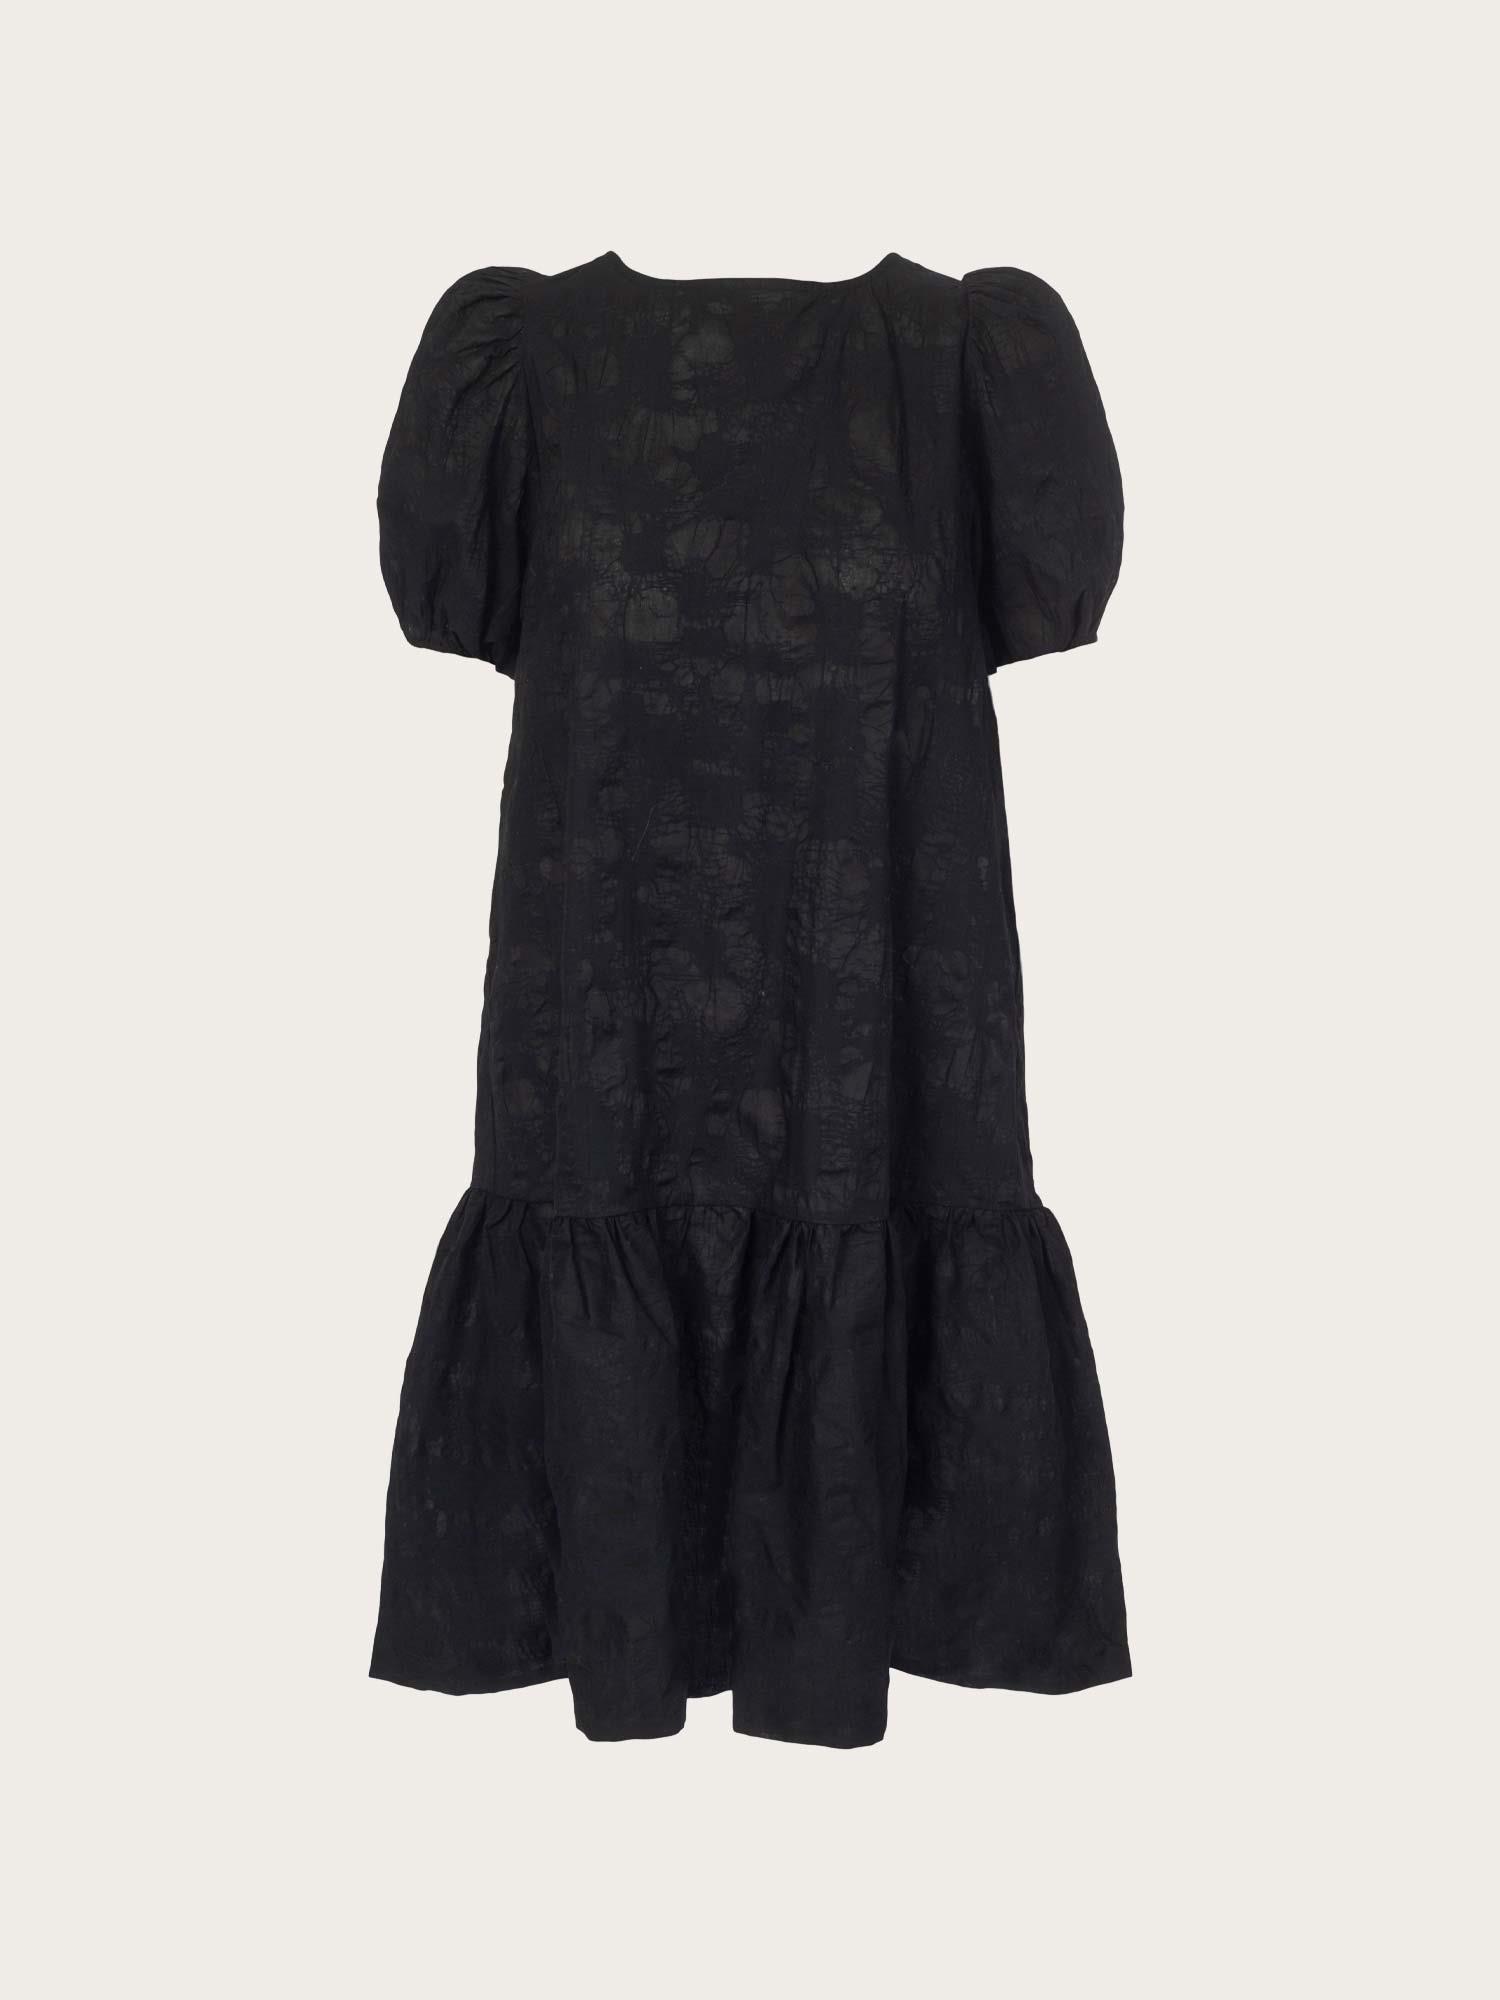 Svart kjole med knytedetaljer i ryggen